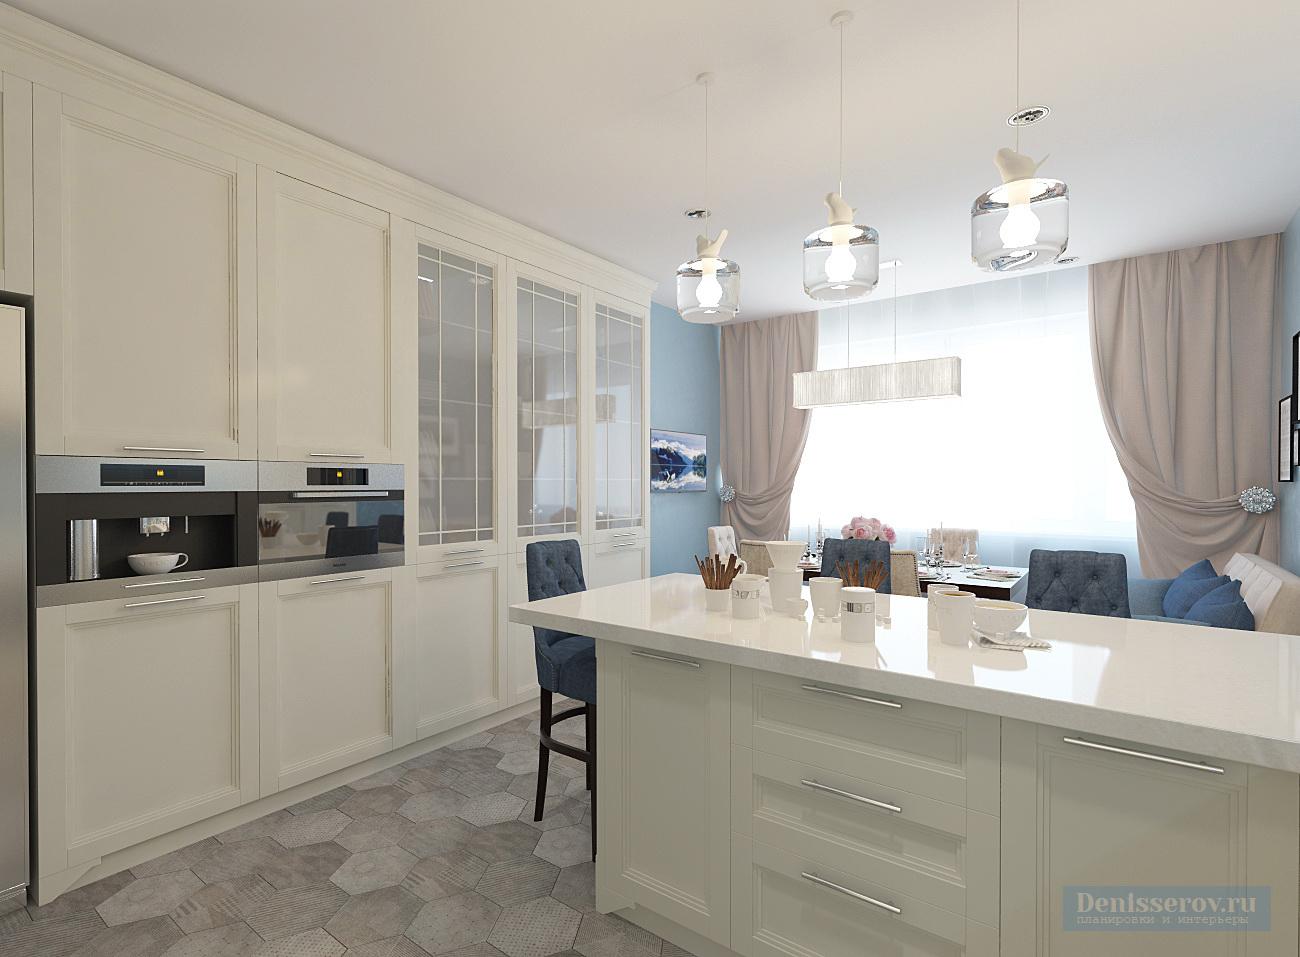 проект кухни 20 кв.м. в классическом стиле